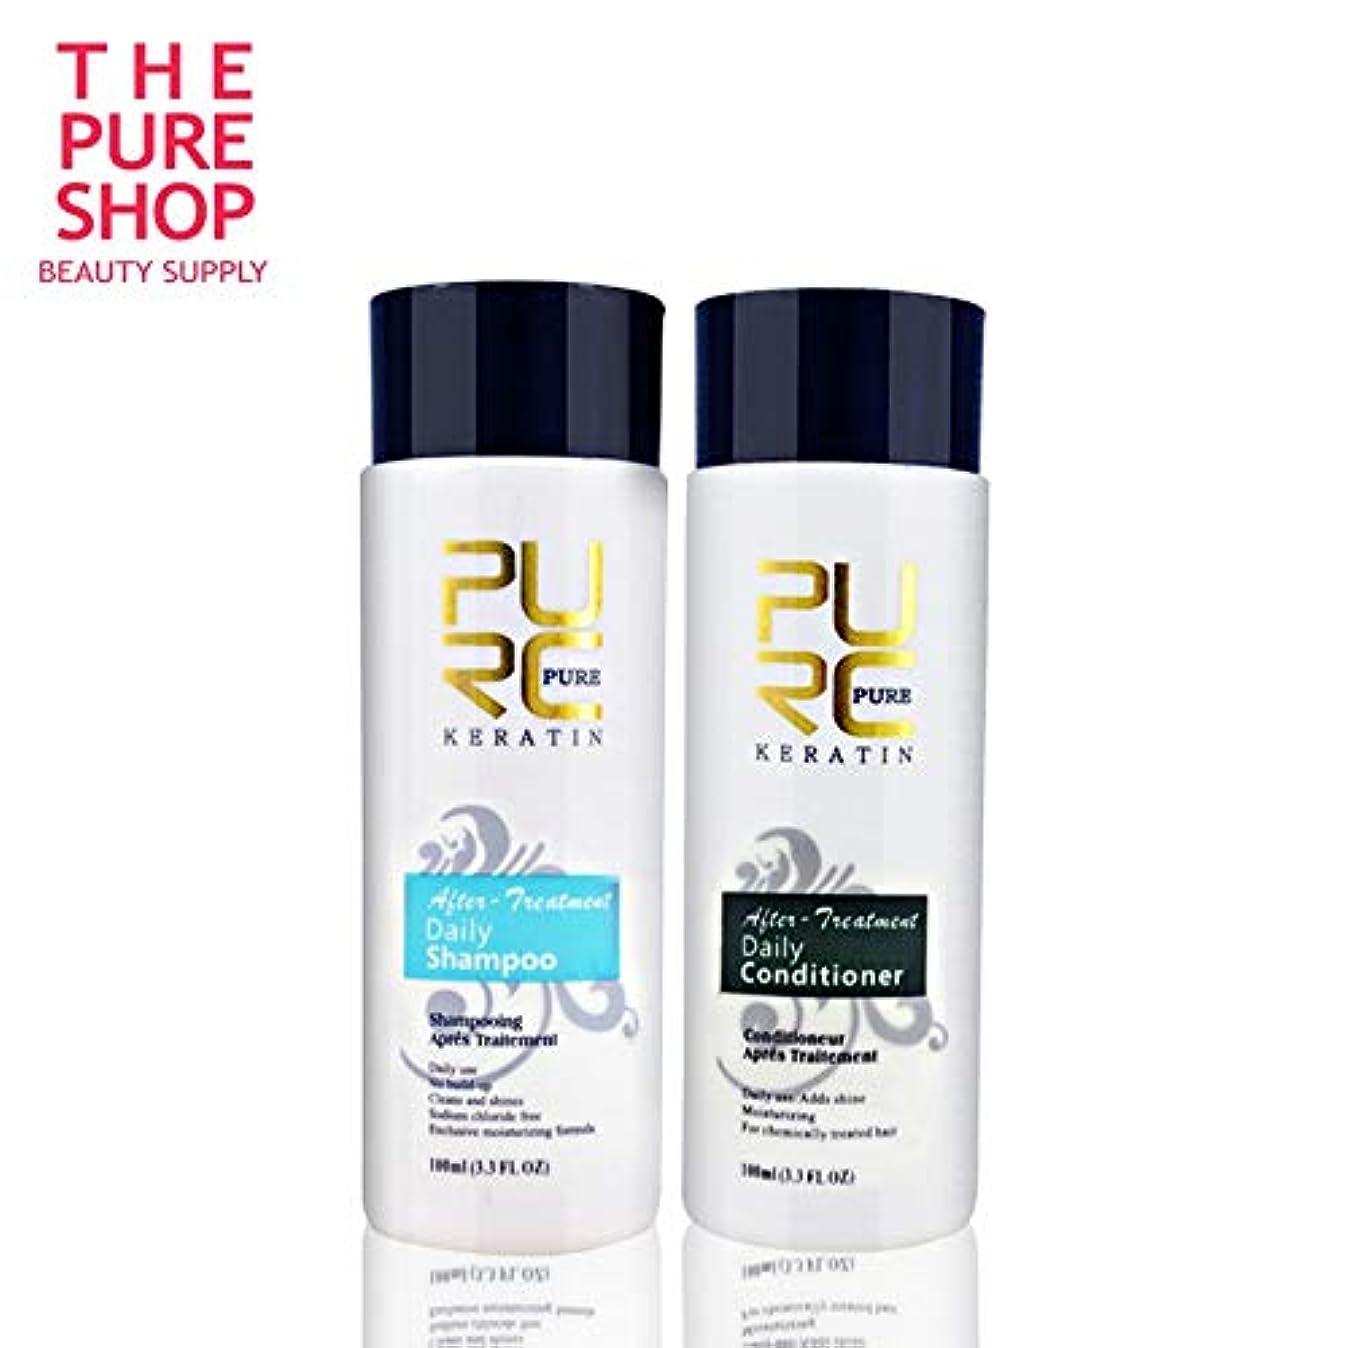 馬鹿げたフロント暴徒ケラチンヘアトリートメント100mlプロフェッショナル用デイリーシャンプーとコンディショナー2個 (女性と男性用) set of 2 Daily shampoo and daily conditioner for keratin...